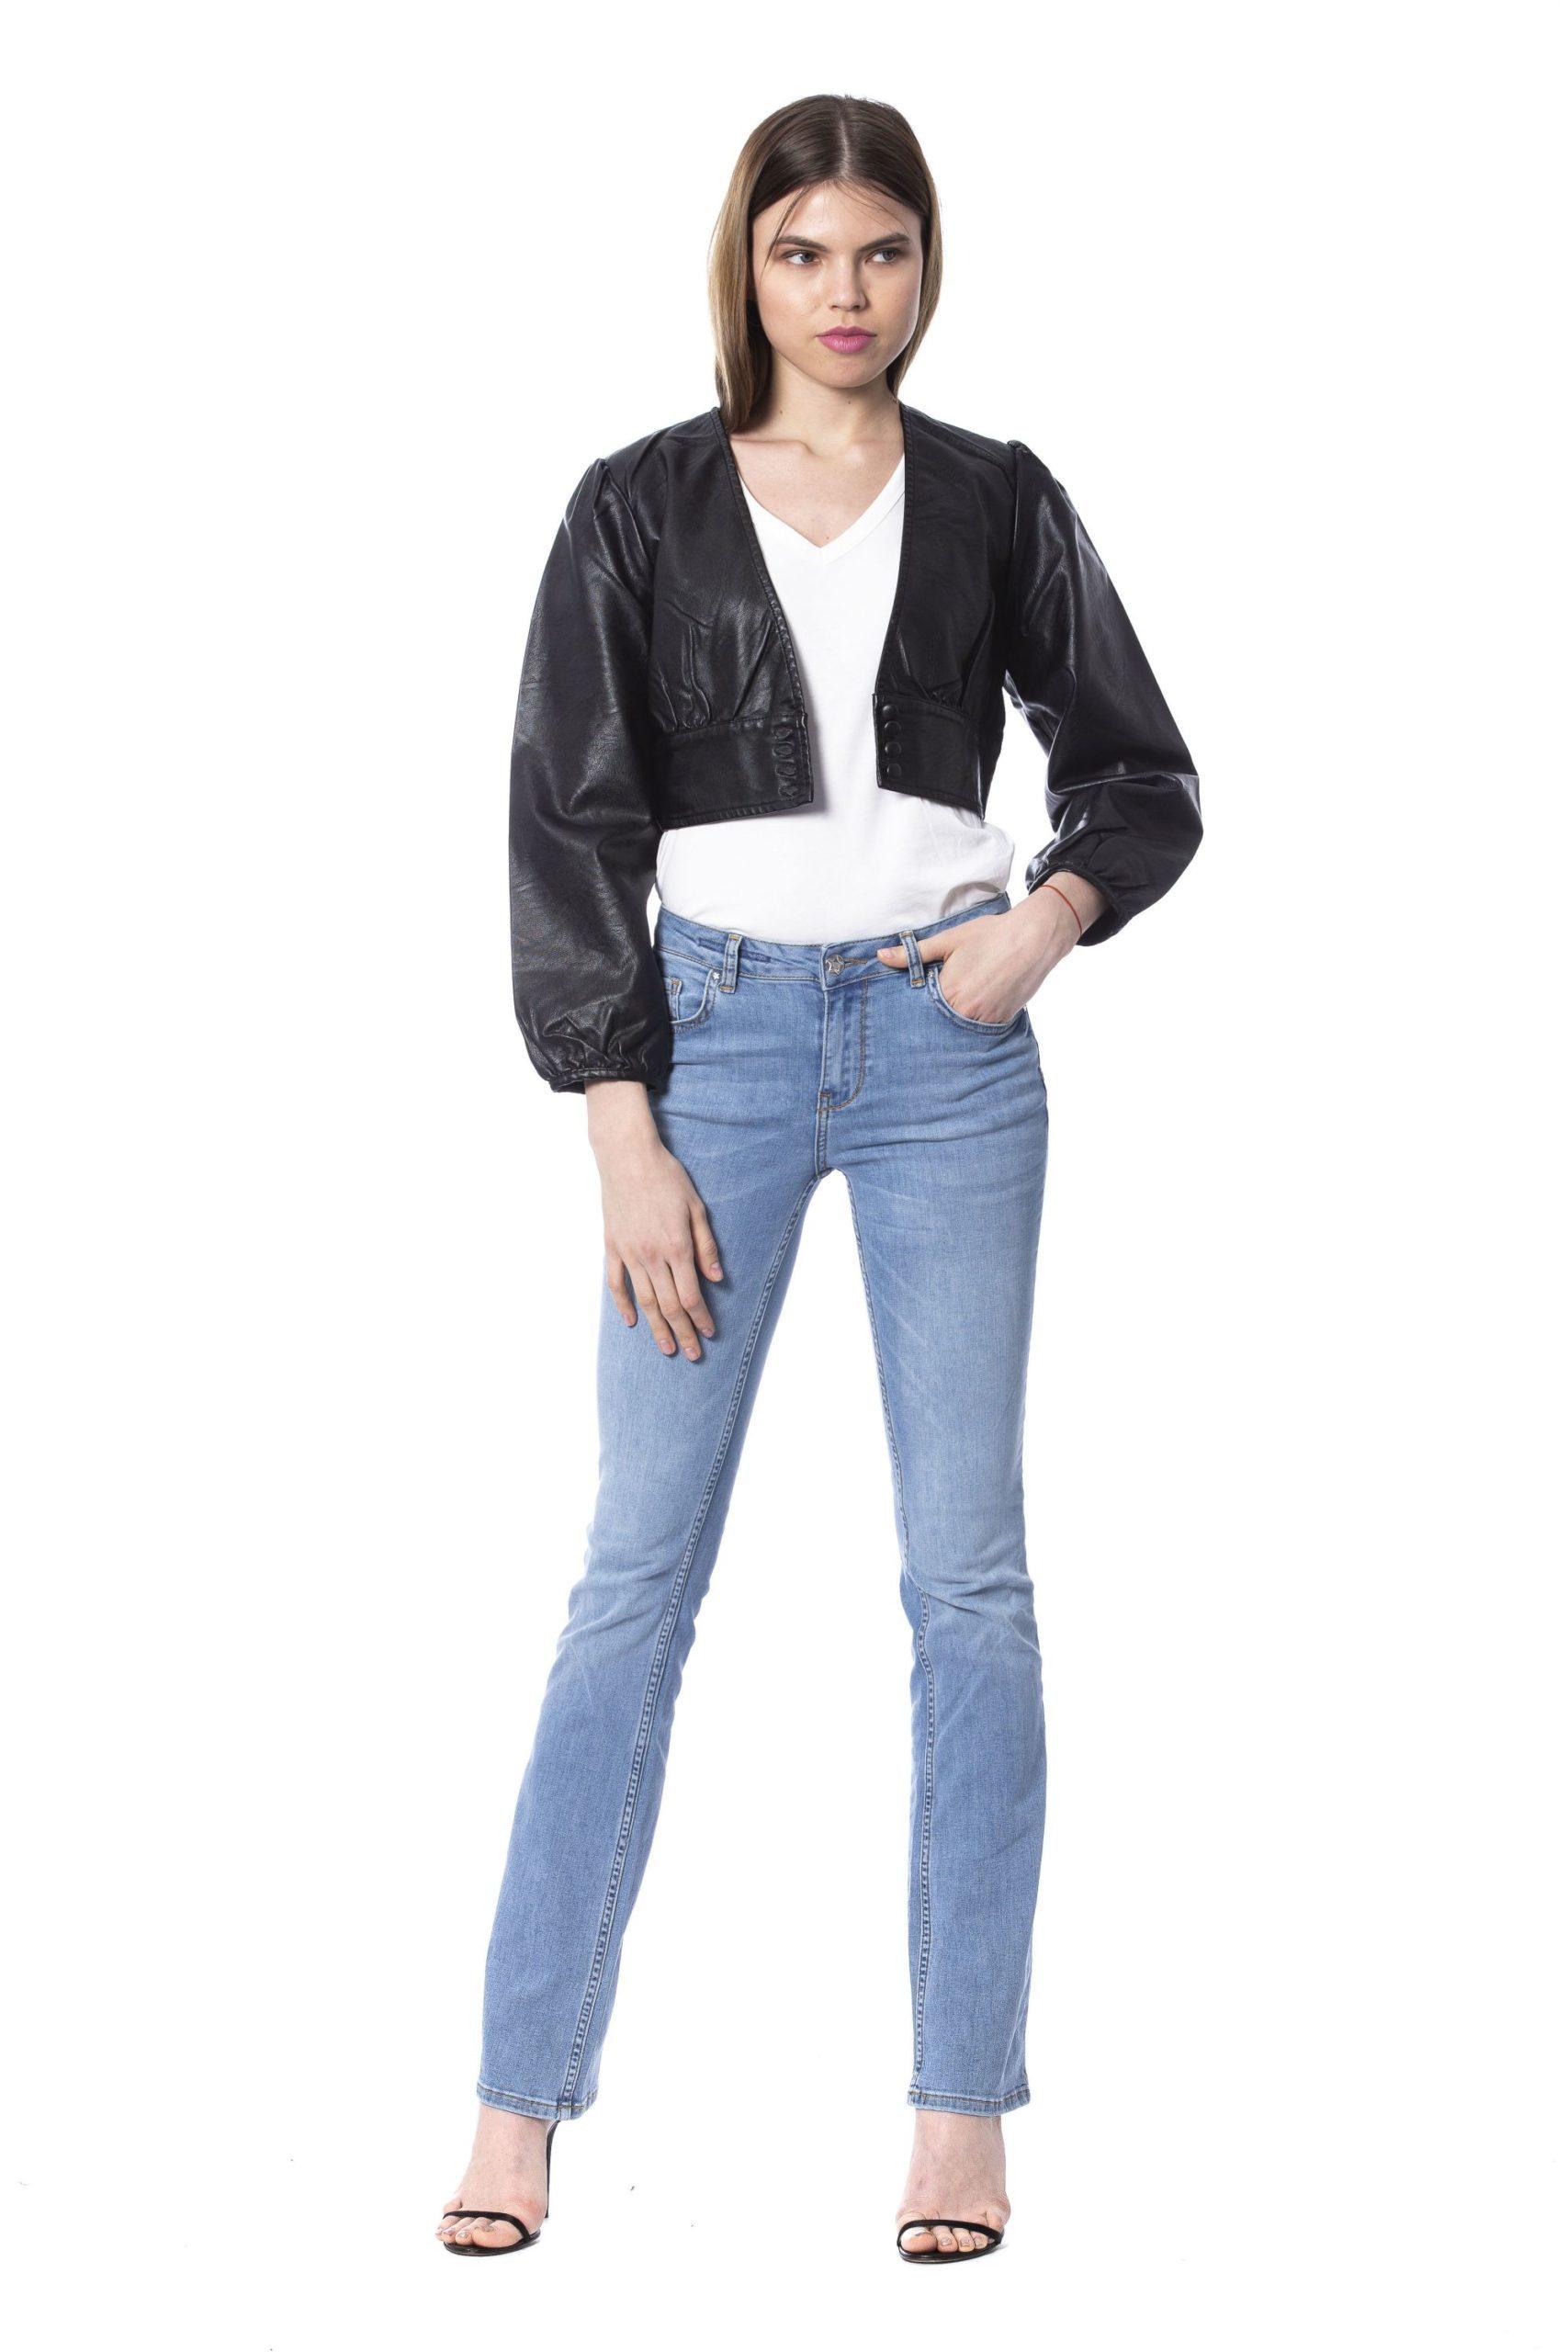 Silvian Heach Women's Jackets Black SI992668 - M